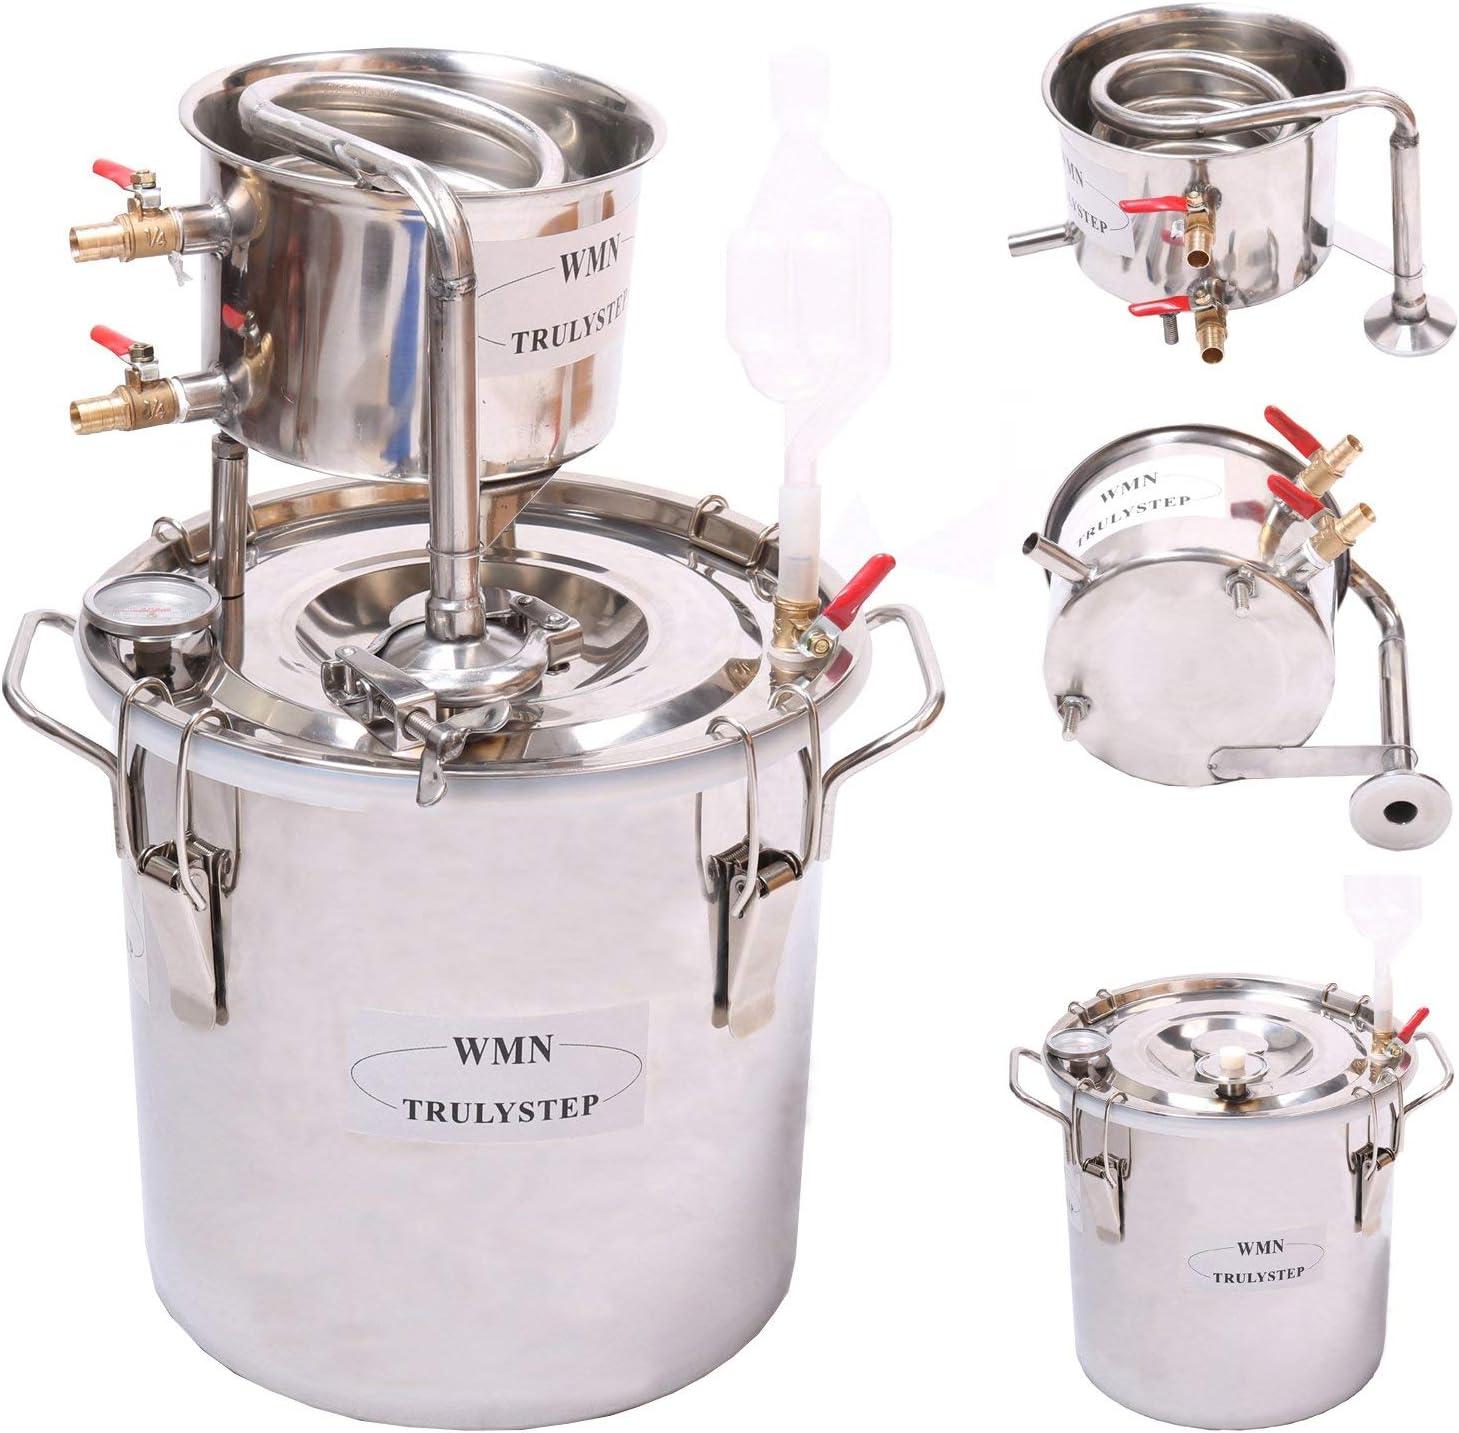 30L Kit de destilación de para el hogar destilador de acero inoxidable; para la elaboración casera de vino, alcohol, cerveza o destilación de agua